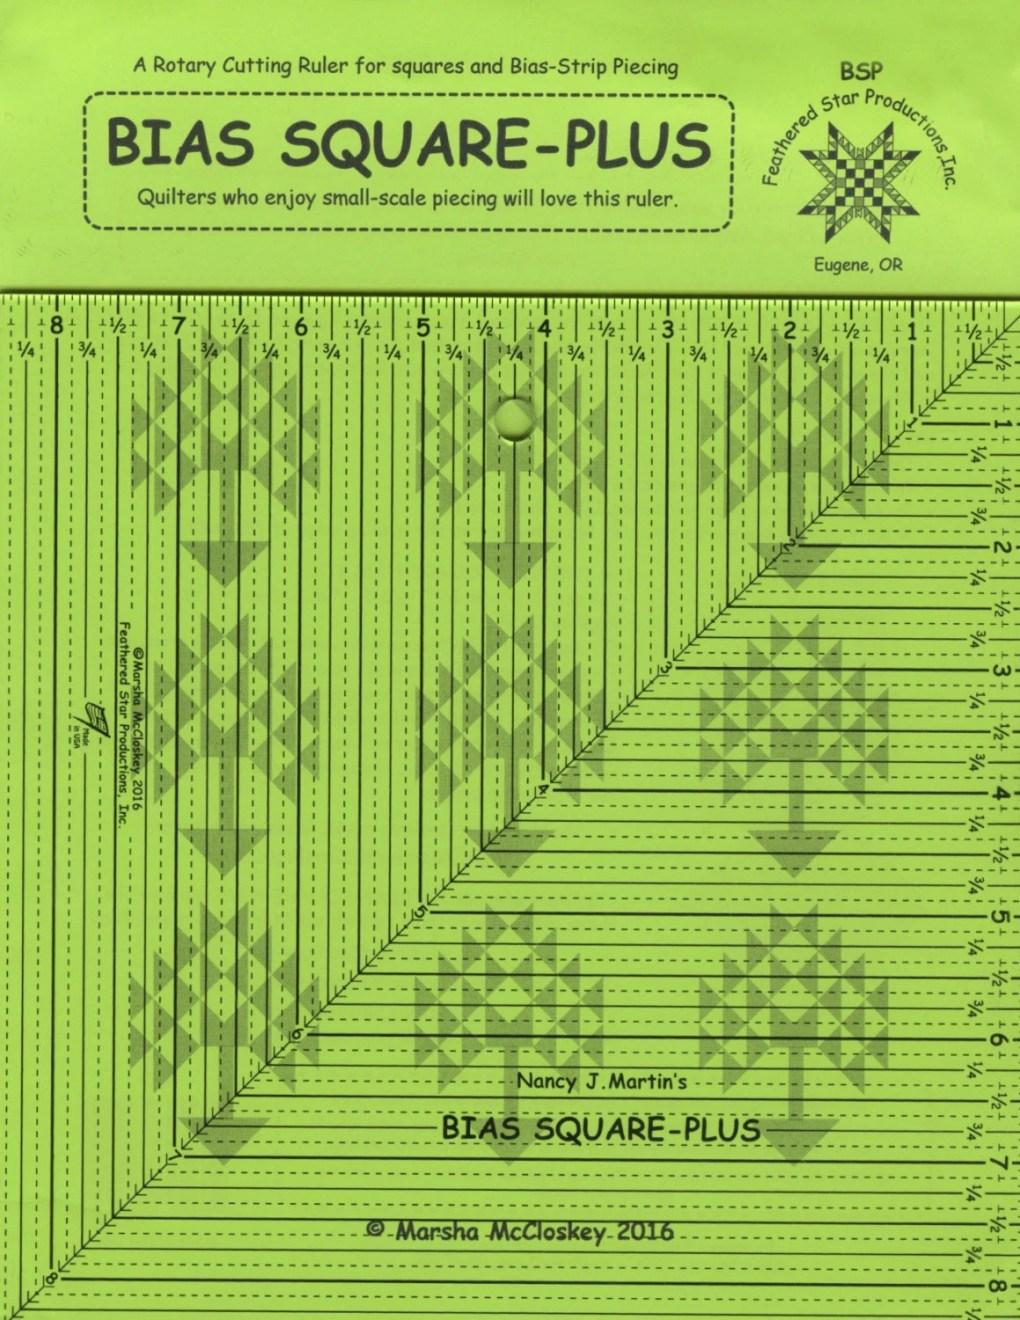 Bias Square-Plus Ruler